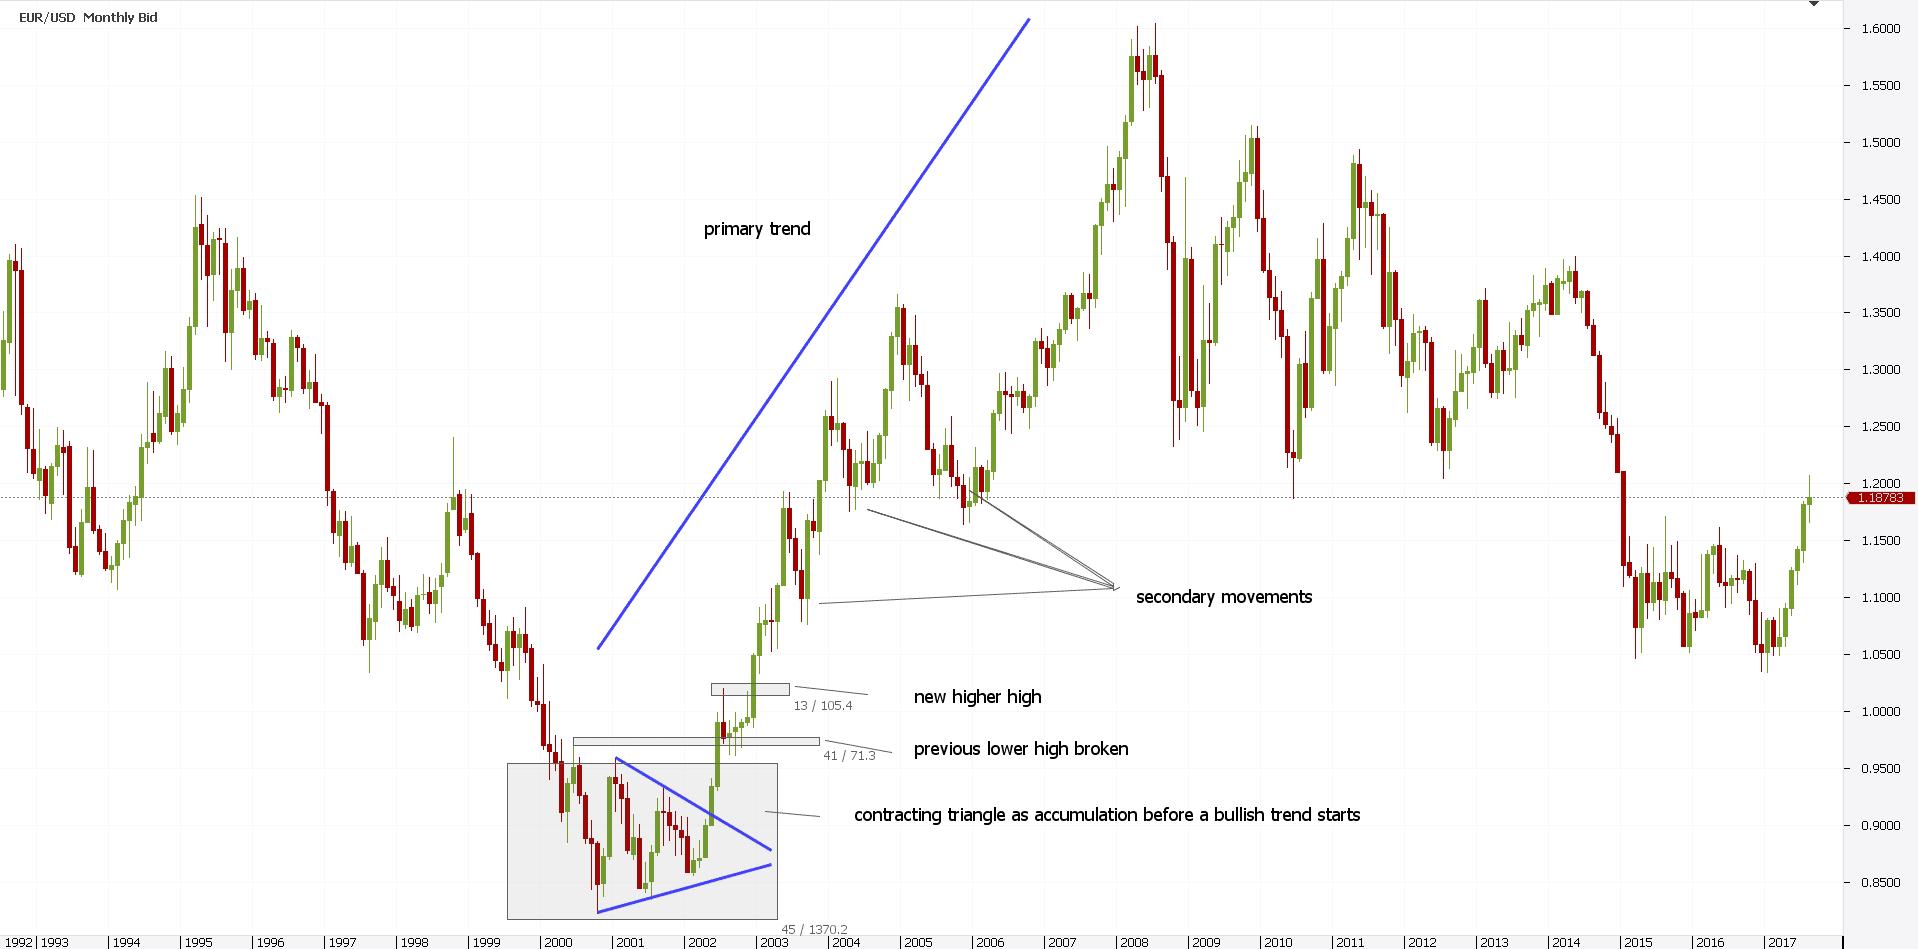 Dow Jones Theory